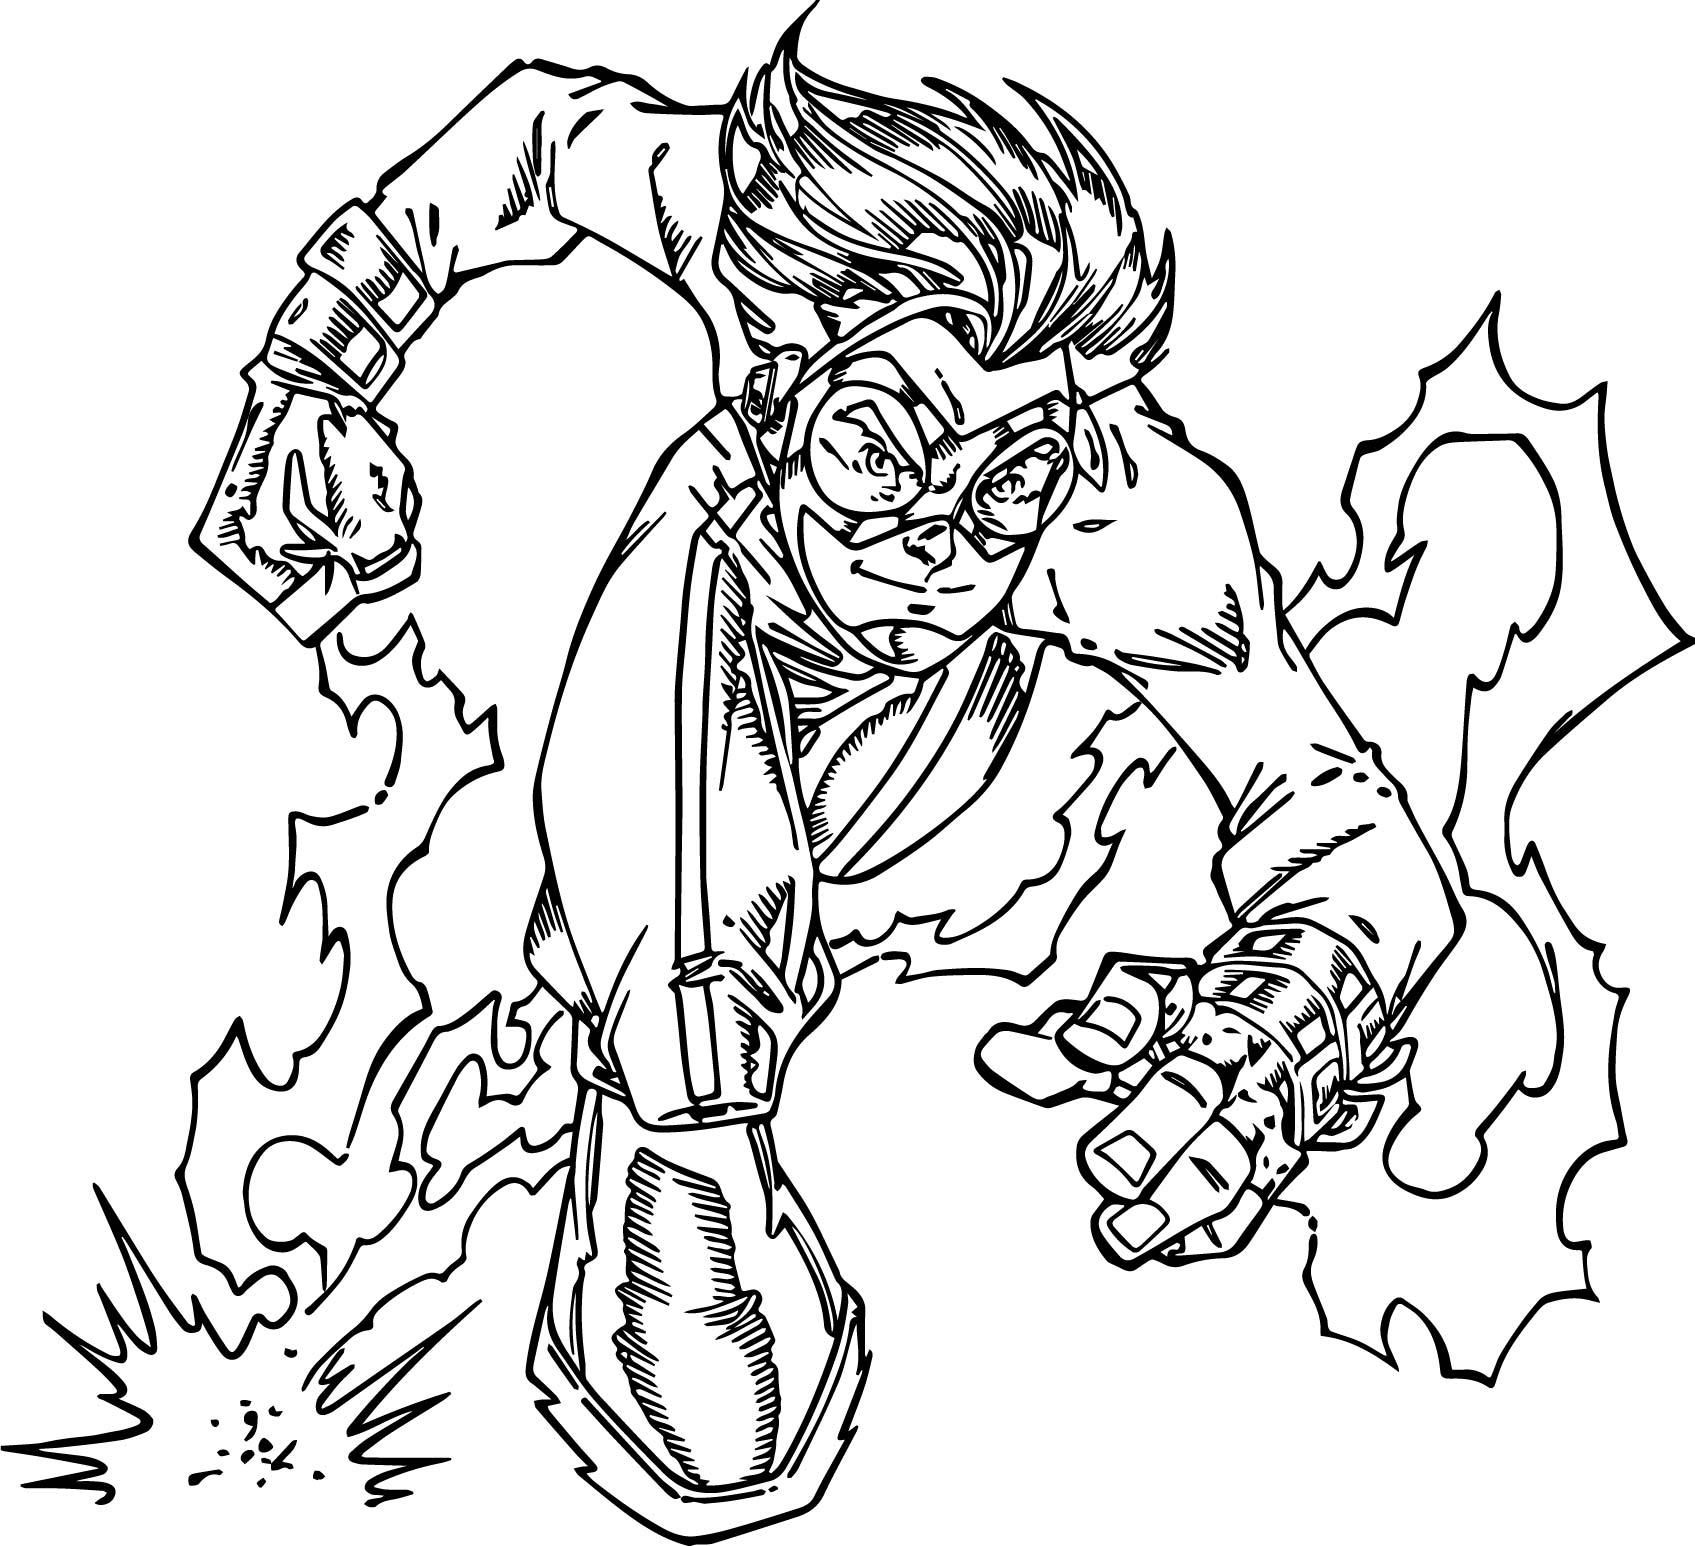 Impuls Cartoon Character Coloring Page